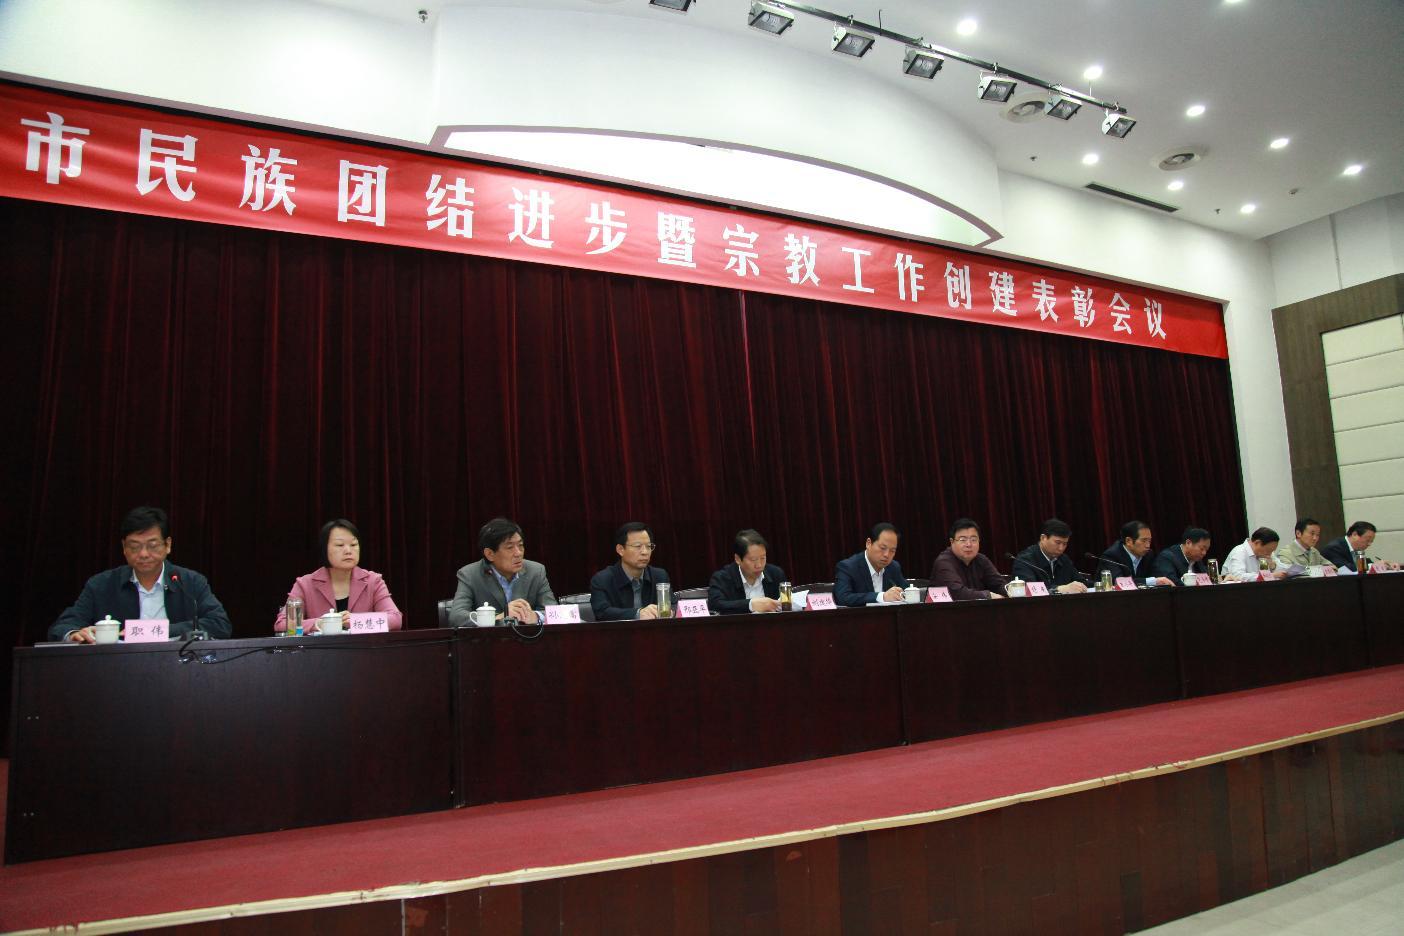 市委常委出席会议